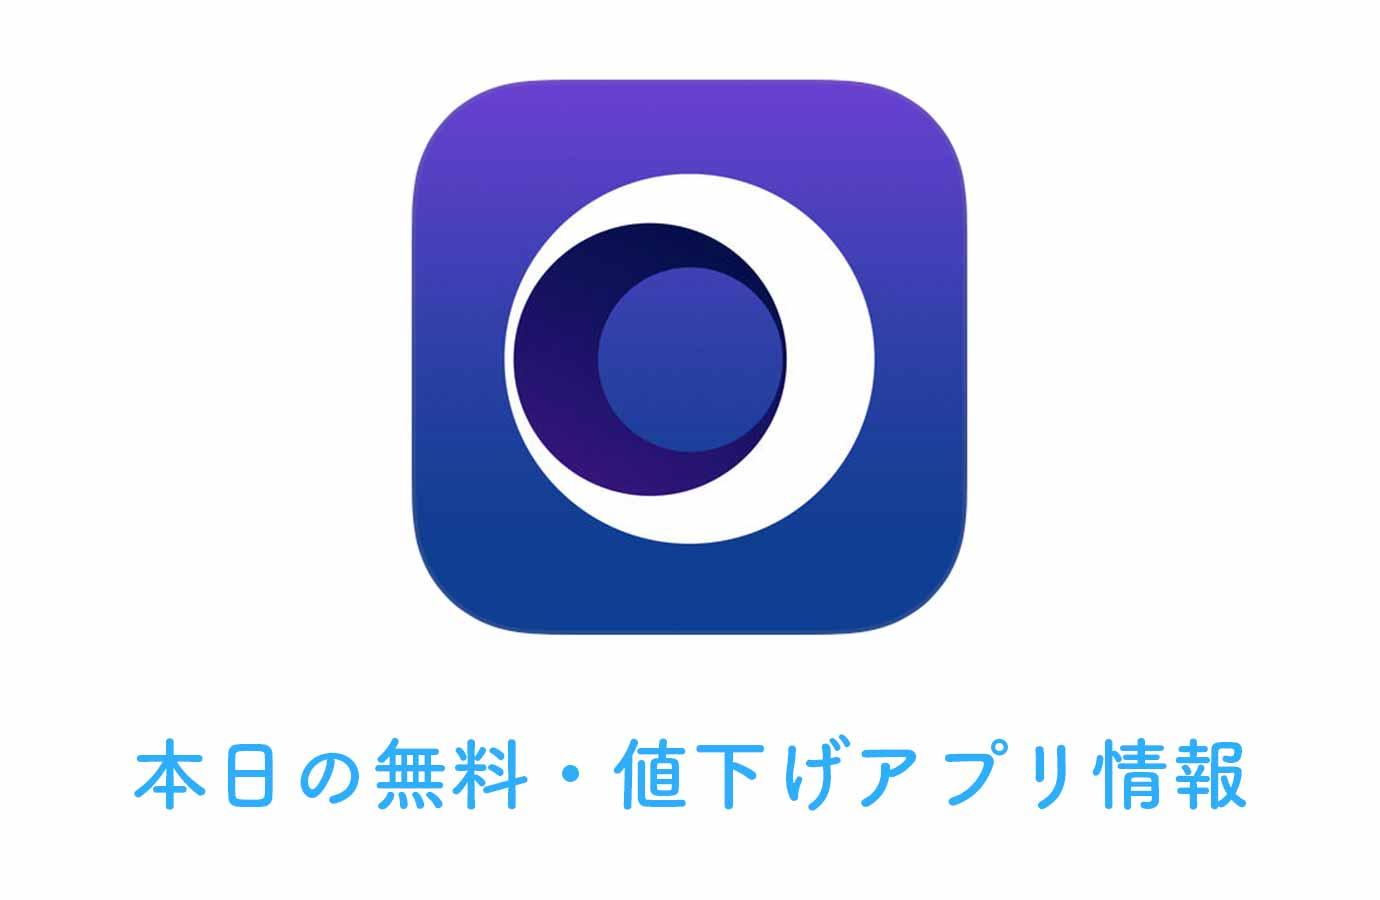 【480円→無料】一眼レフカメラ風のボケのある写真が撮れる「Tadaa SLR」など【2/16】本日の無料・値下げアプリ情報